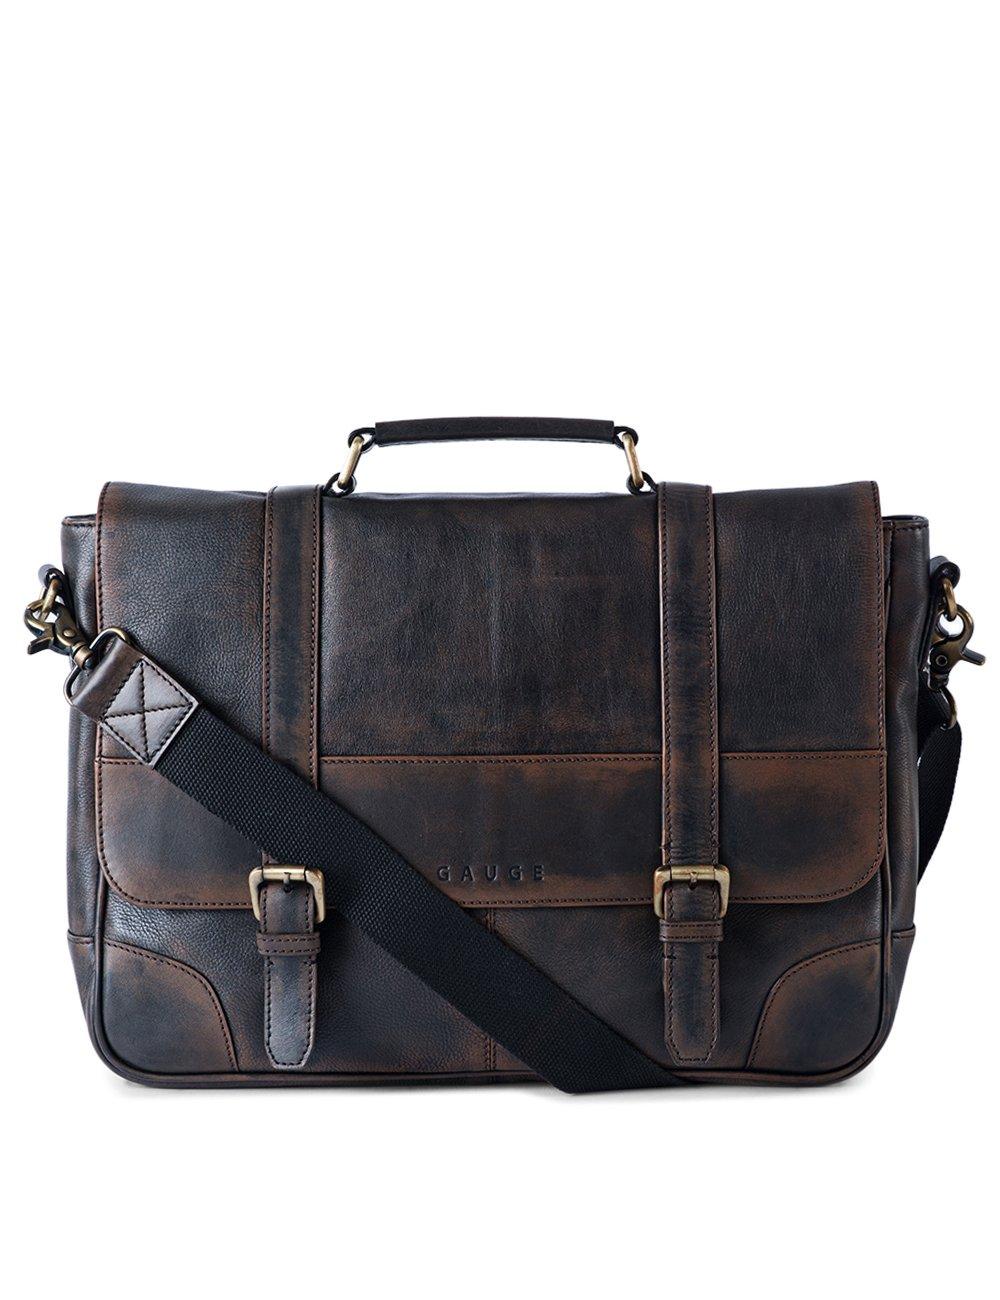 Gauge 15 Inch Washed Leather Laptop Messenger Bag Office Briefcase College Bag Satchel for Men (Black)